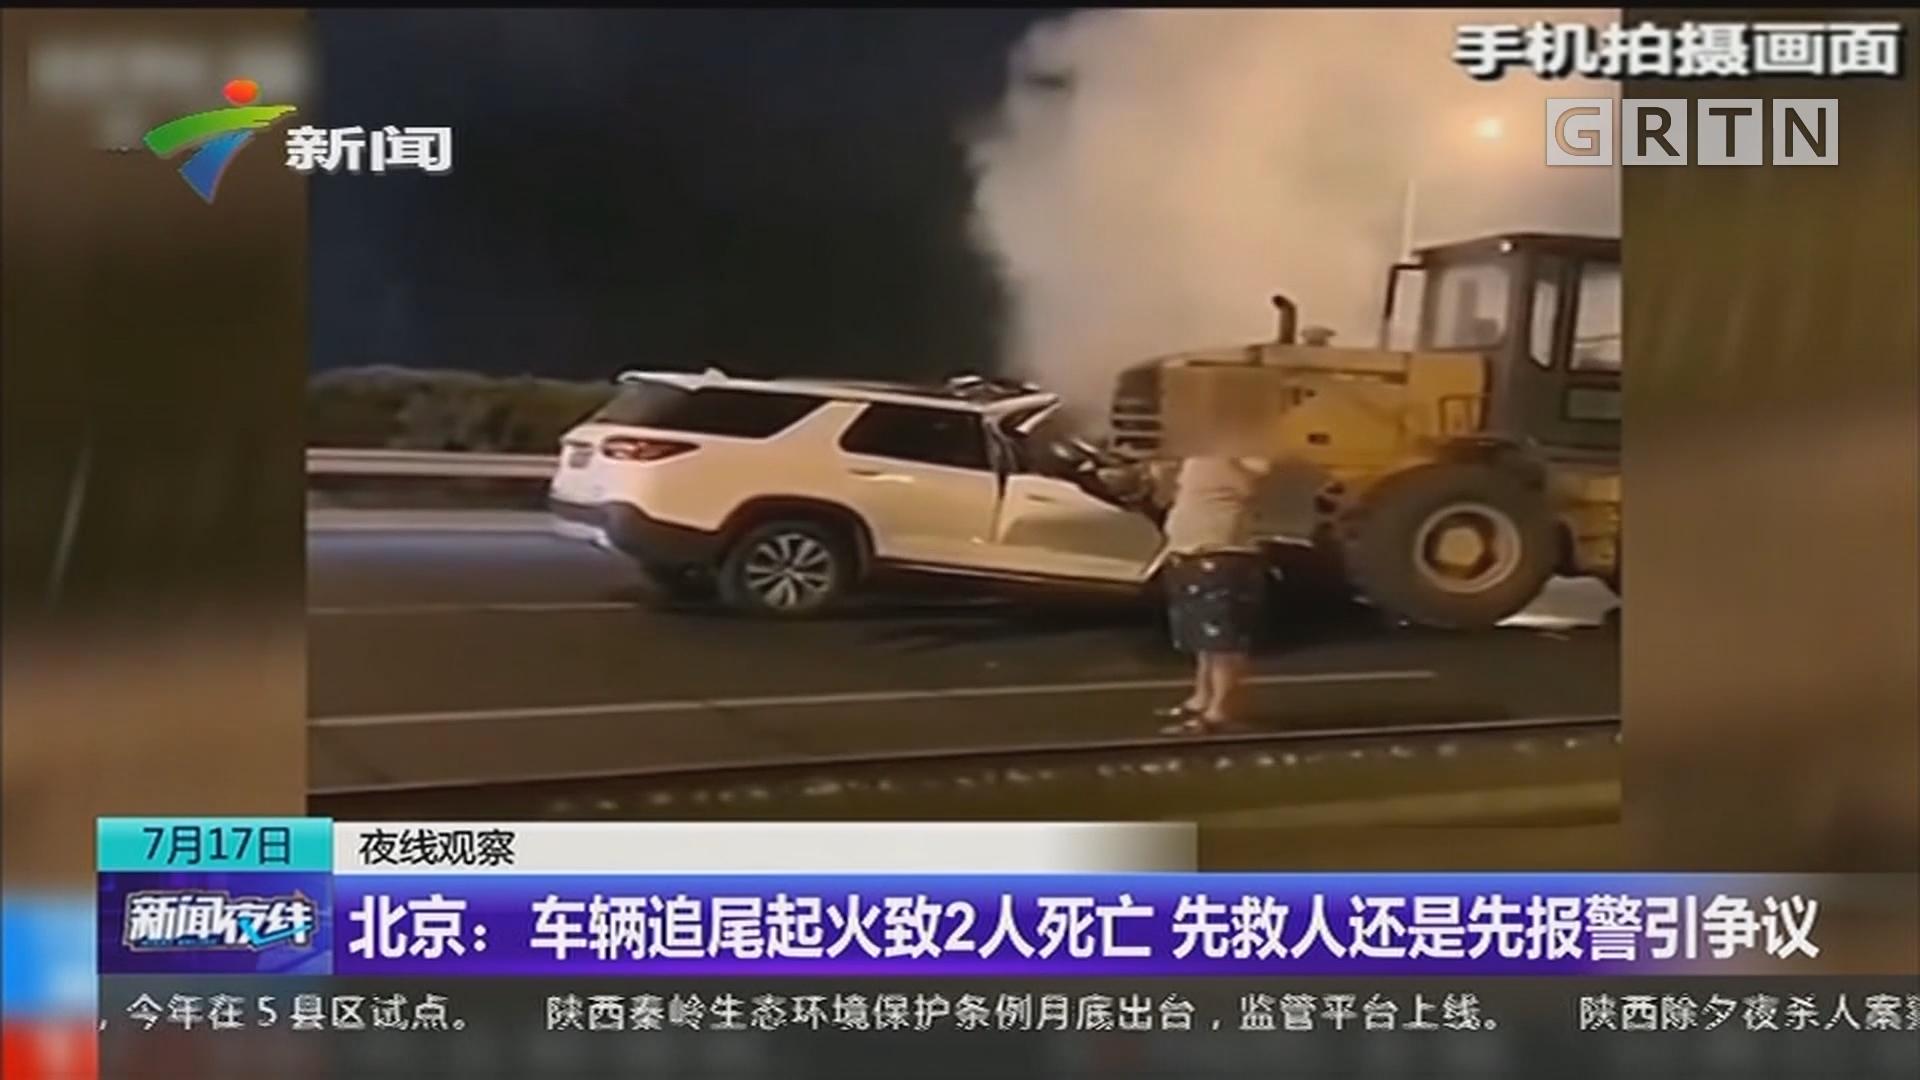 北京:车辆追尾起火致2人死亡 先救人还是先报警引争议